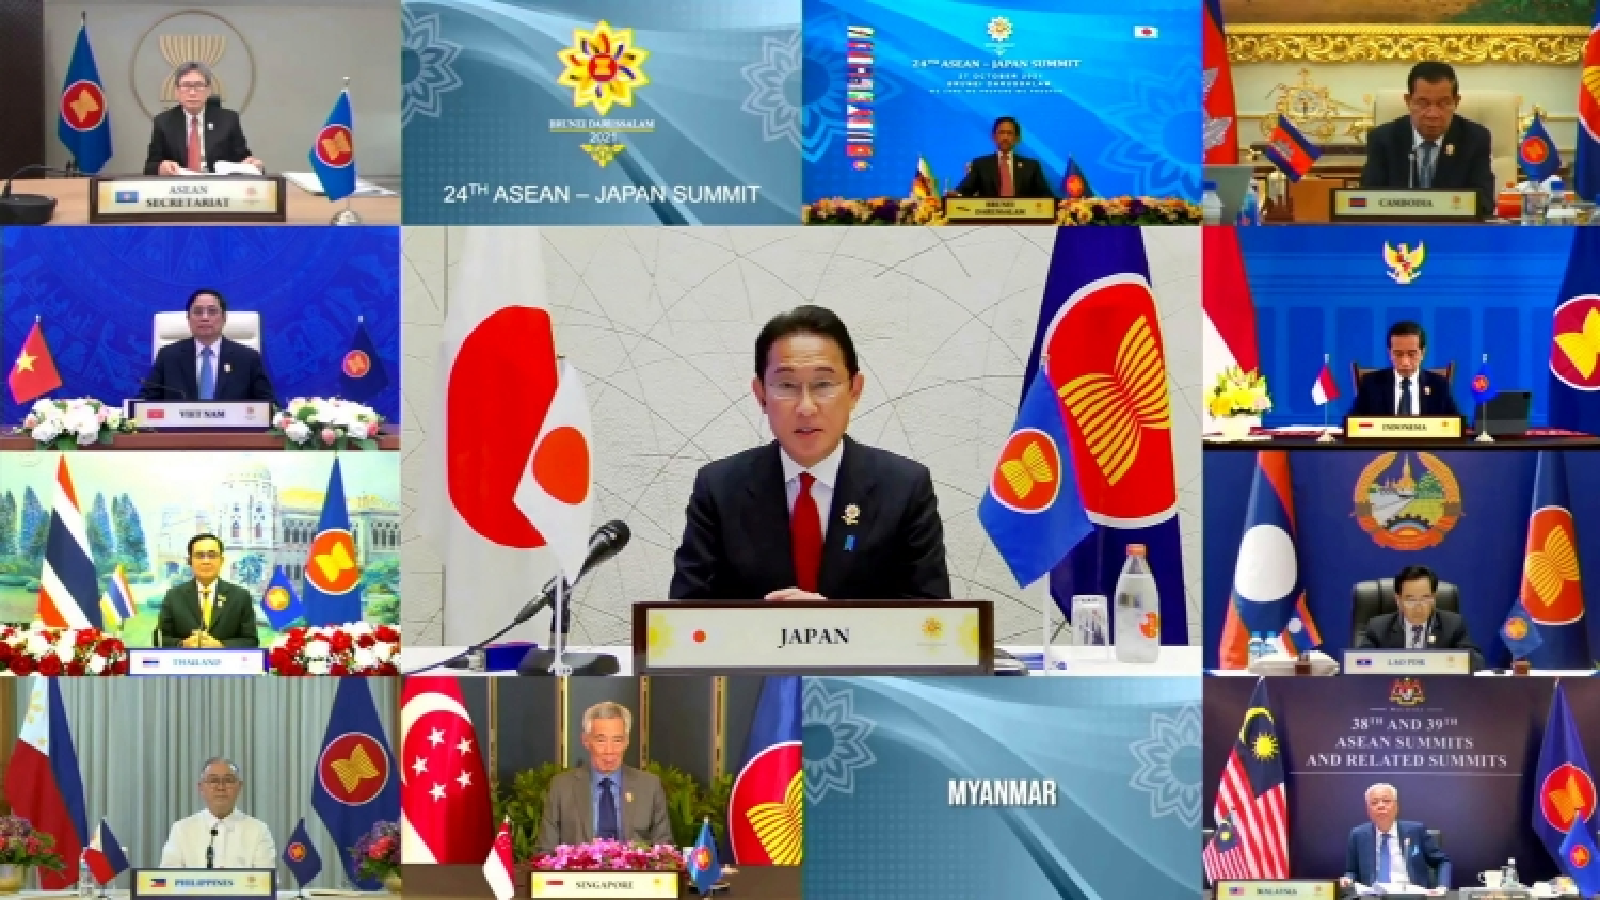 Nhật Bản tăng cường hợp tác với ASEAN để duy trì hòa bình, tự do và thịnh vượng trong khu vực